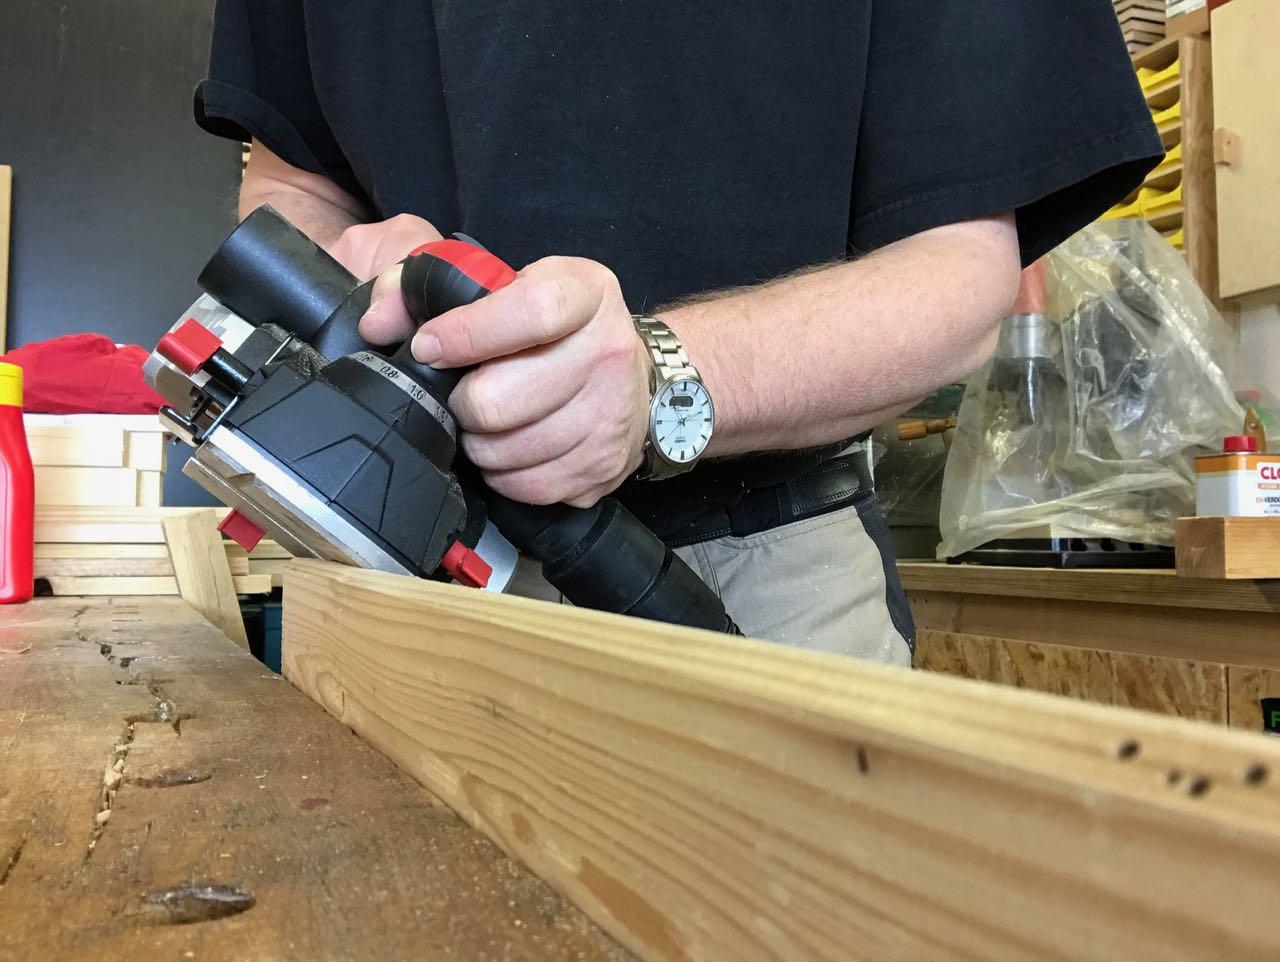 Extrem Elektrisch Hobeln - eine kleine Einführung - Holz und Leim QH89